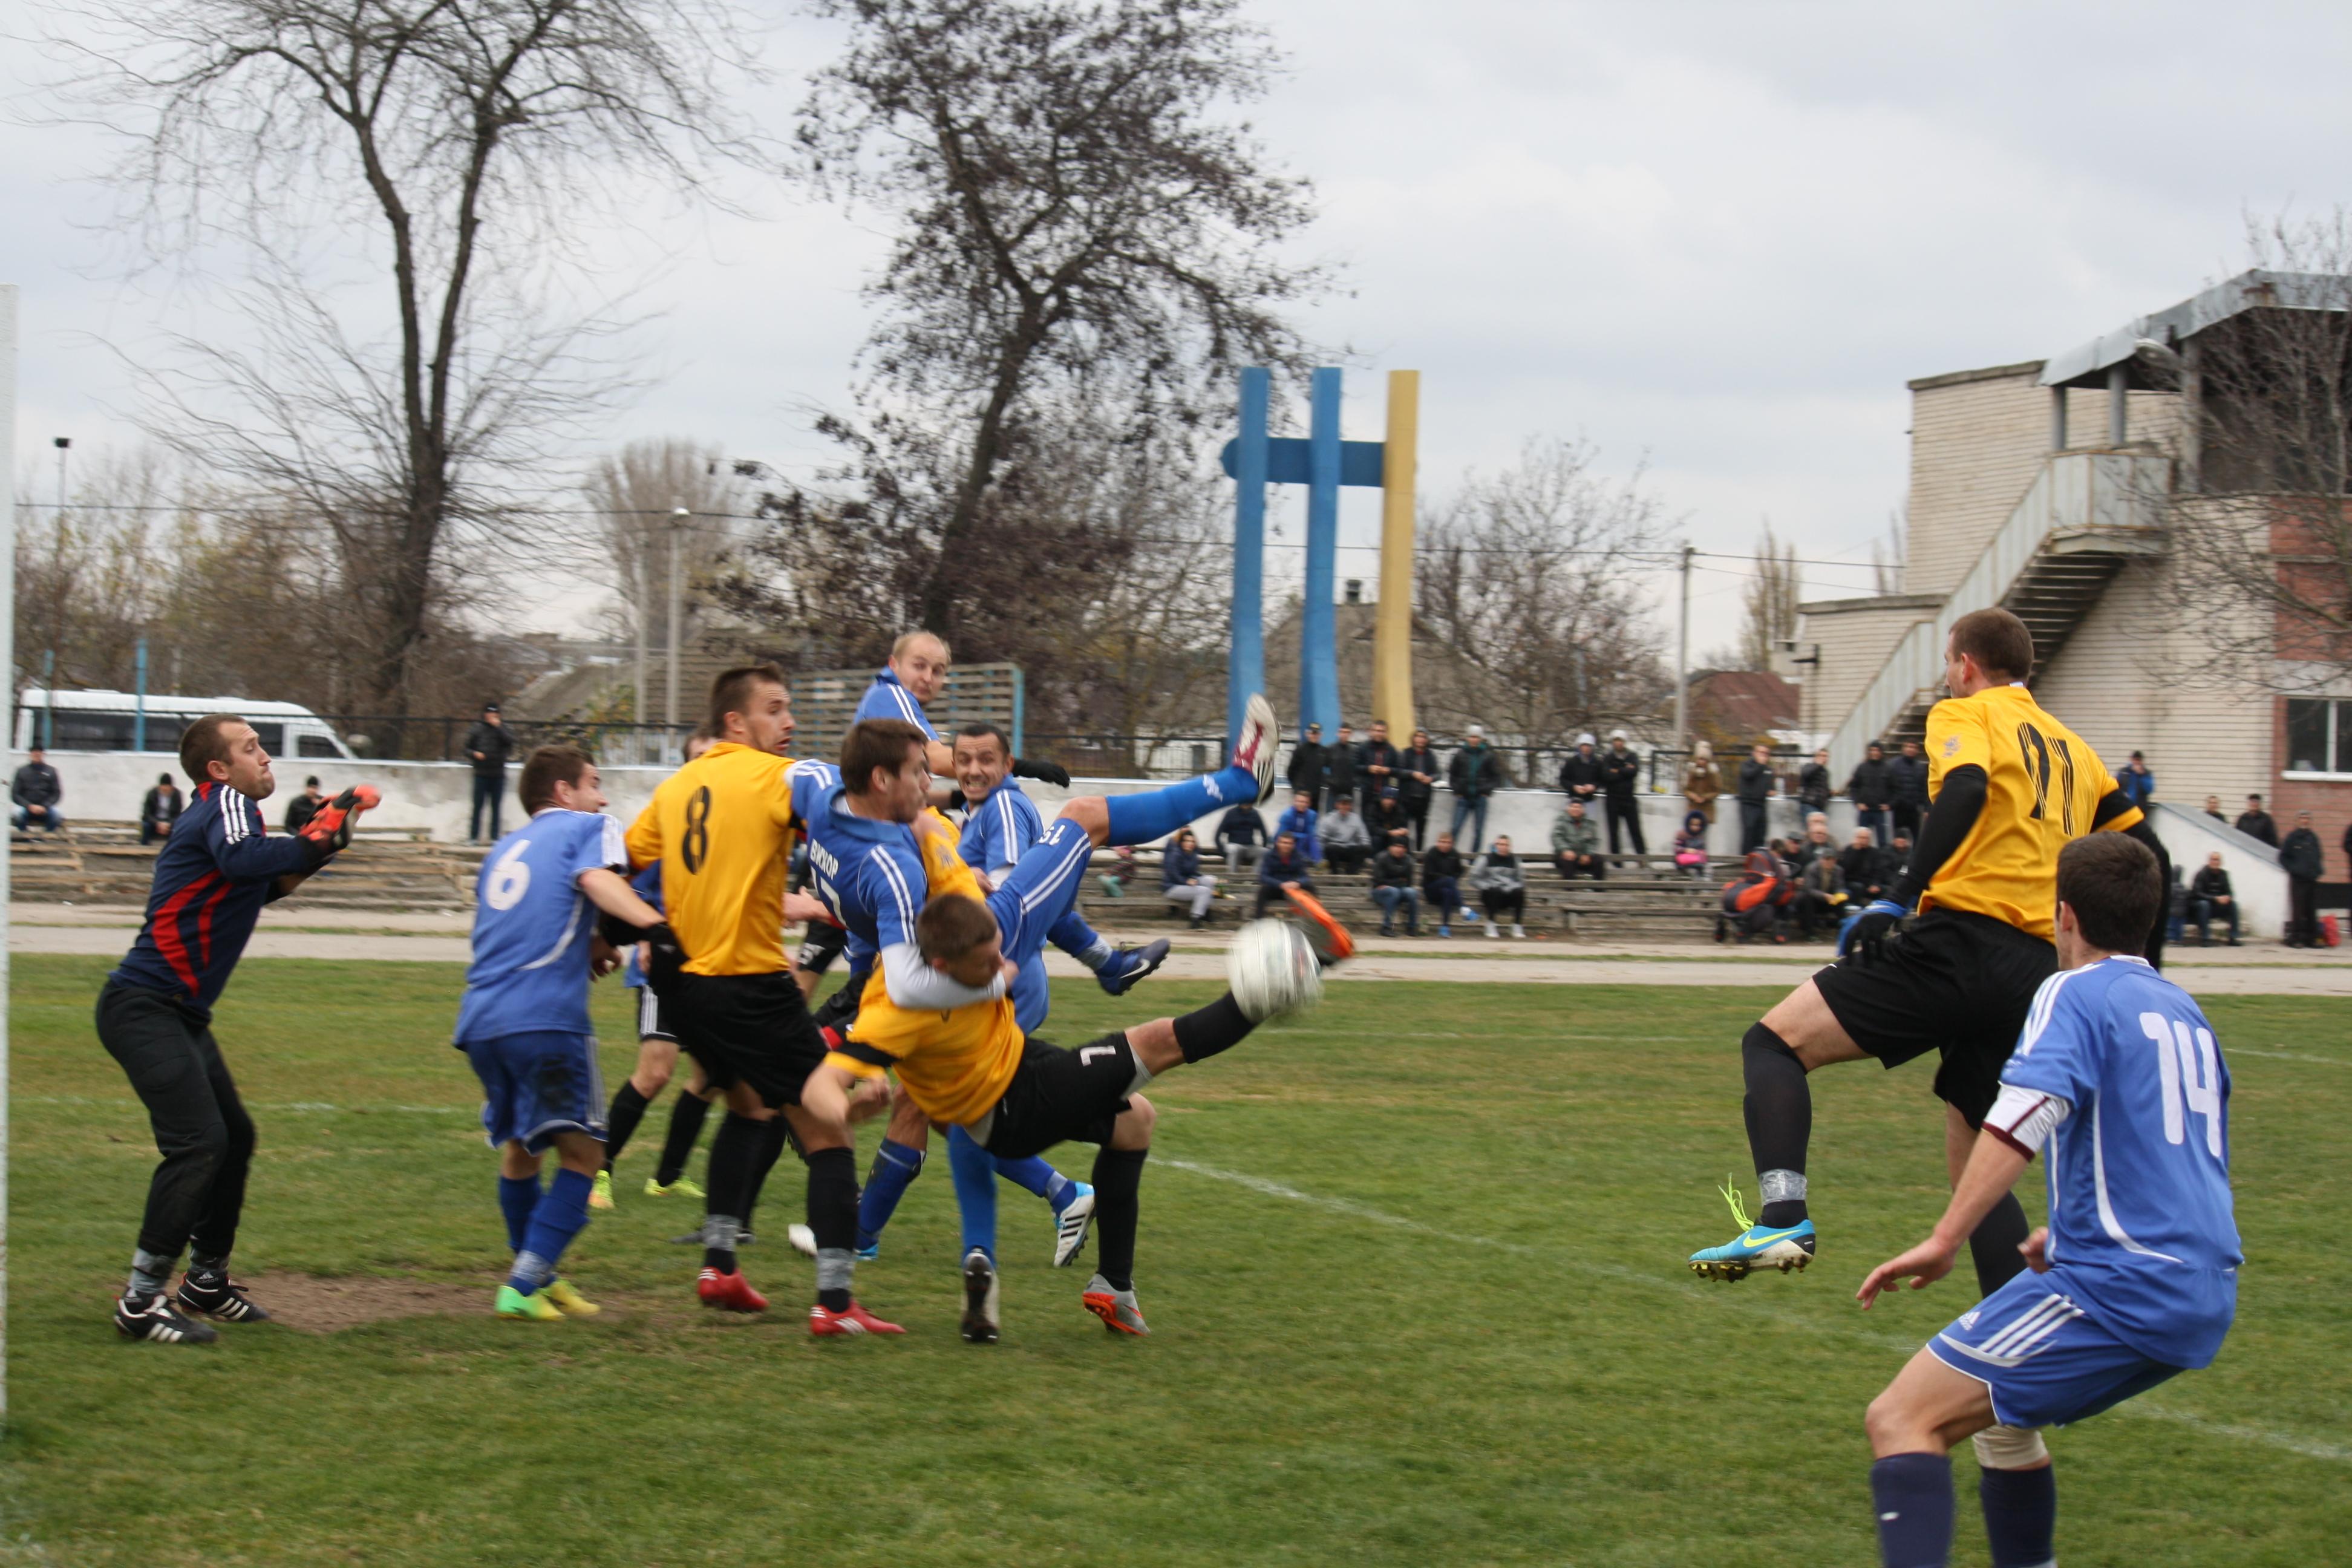 Футбольная элита Херсонщины 2015 года